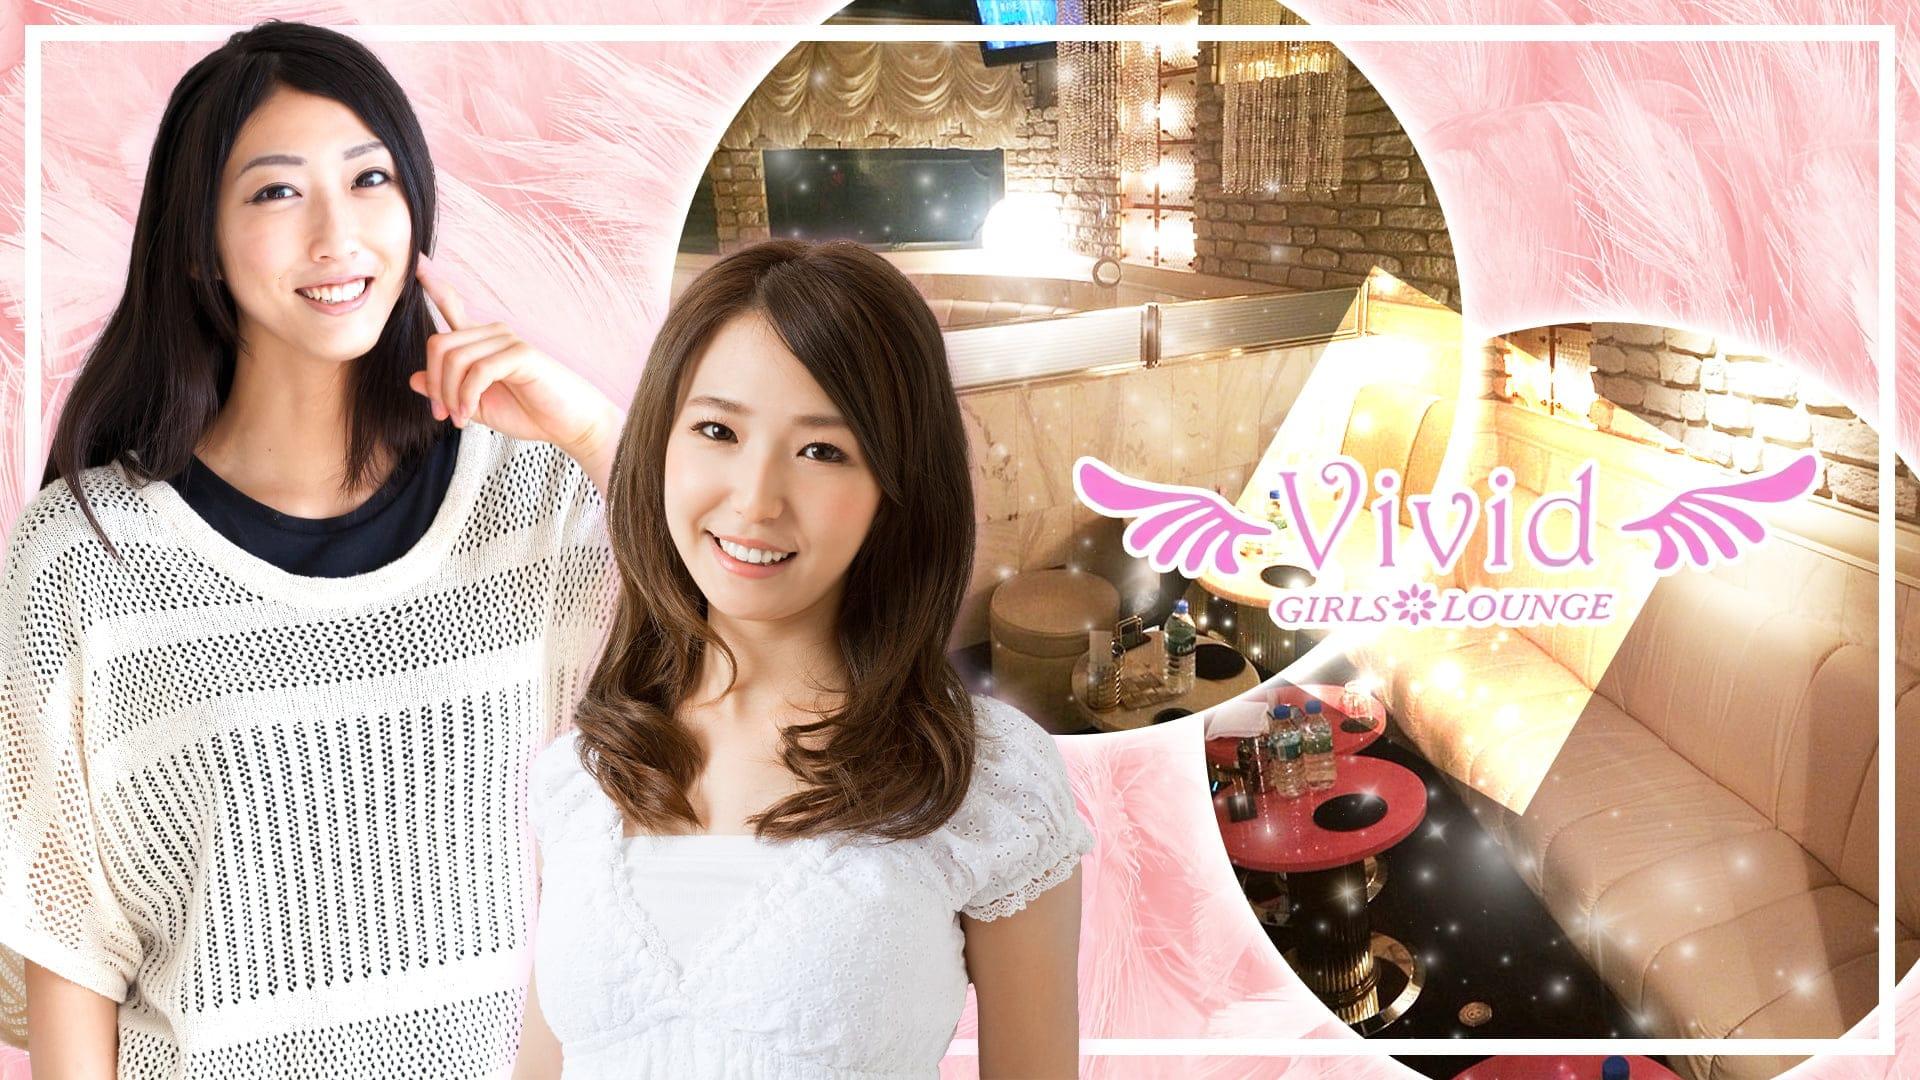 【昼・夜】Girls Lounge VIVID(ヴィヴィッド)【公式求人・体入情報】 調布キャバクラ TOP画像